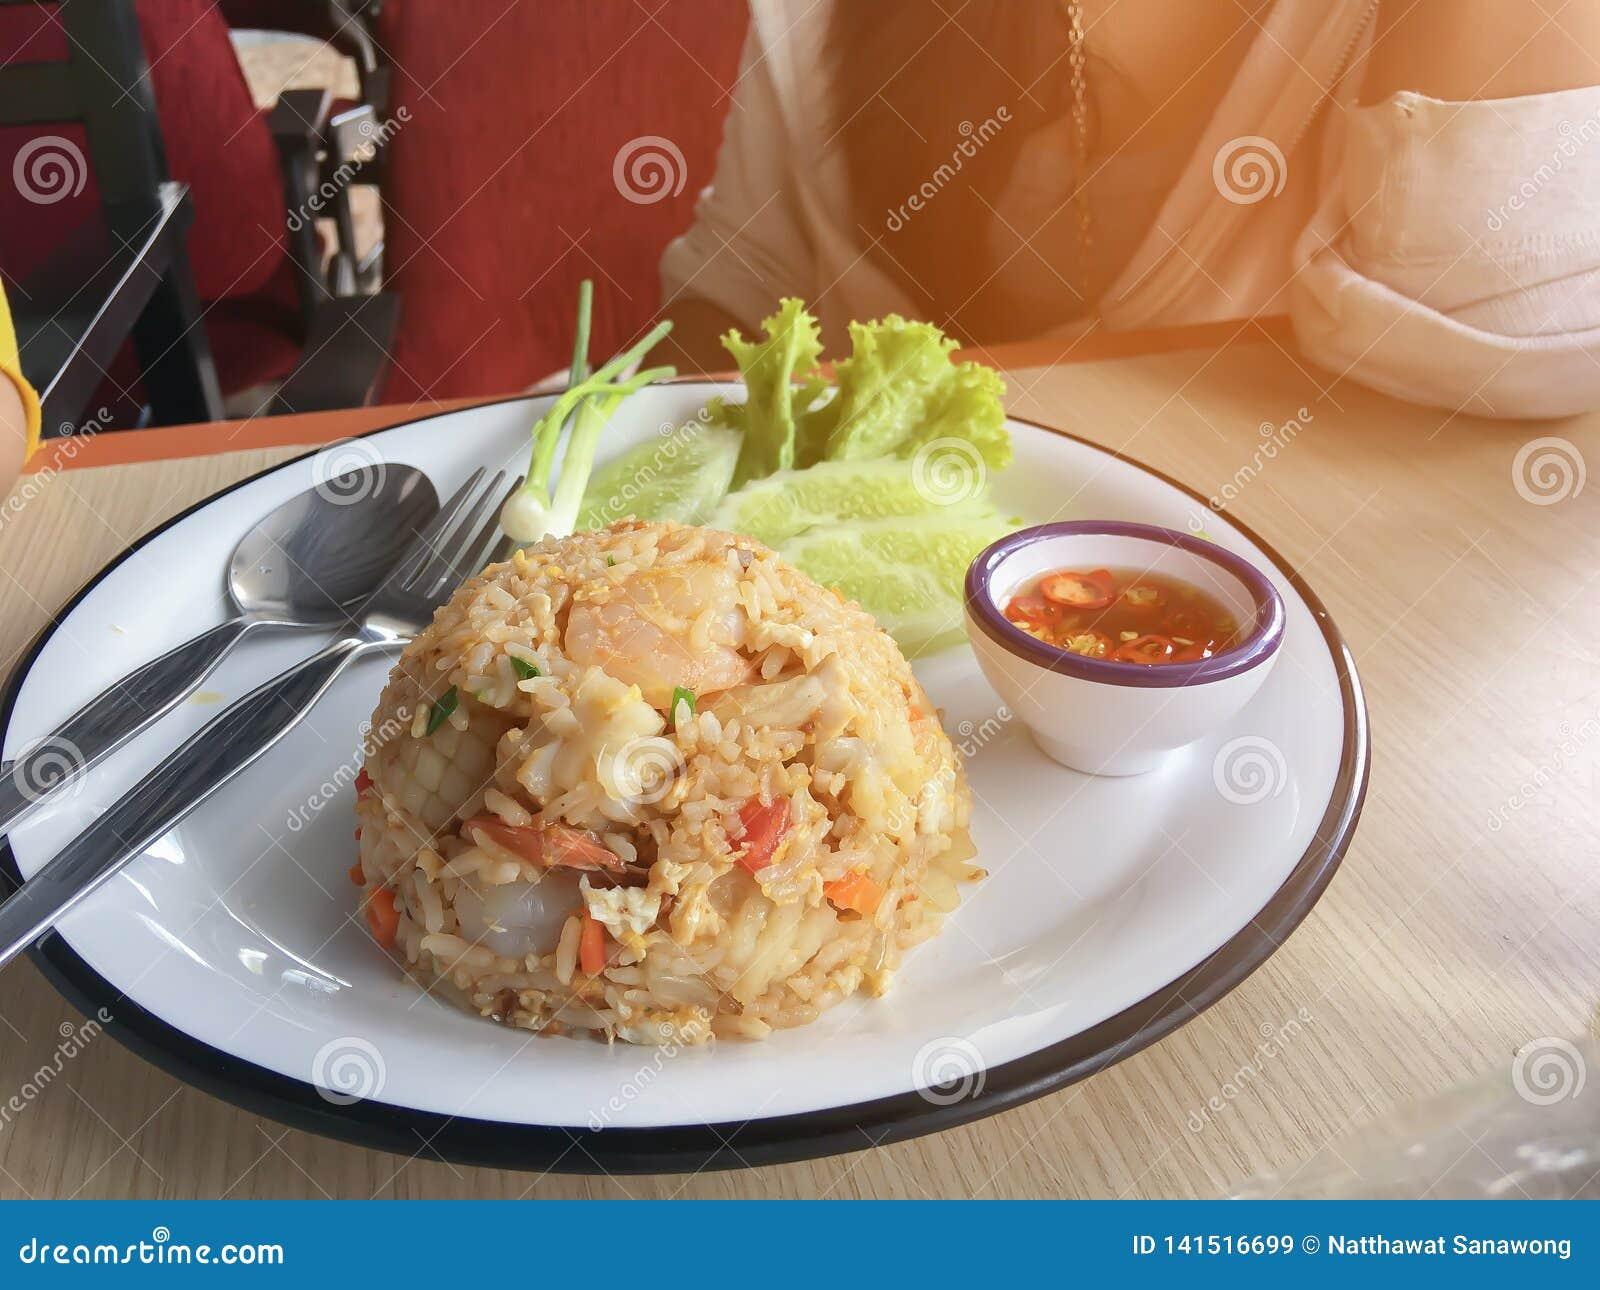 Жареные рисы с креветкой на тайском украшают блюдо с зеленым луком, огурцом, салатом, чилями и лимоном